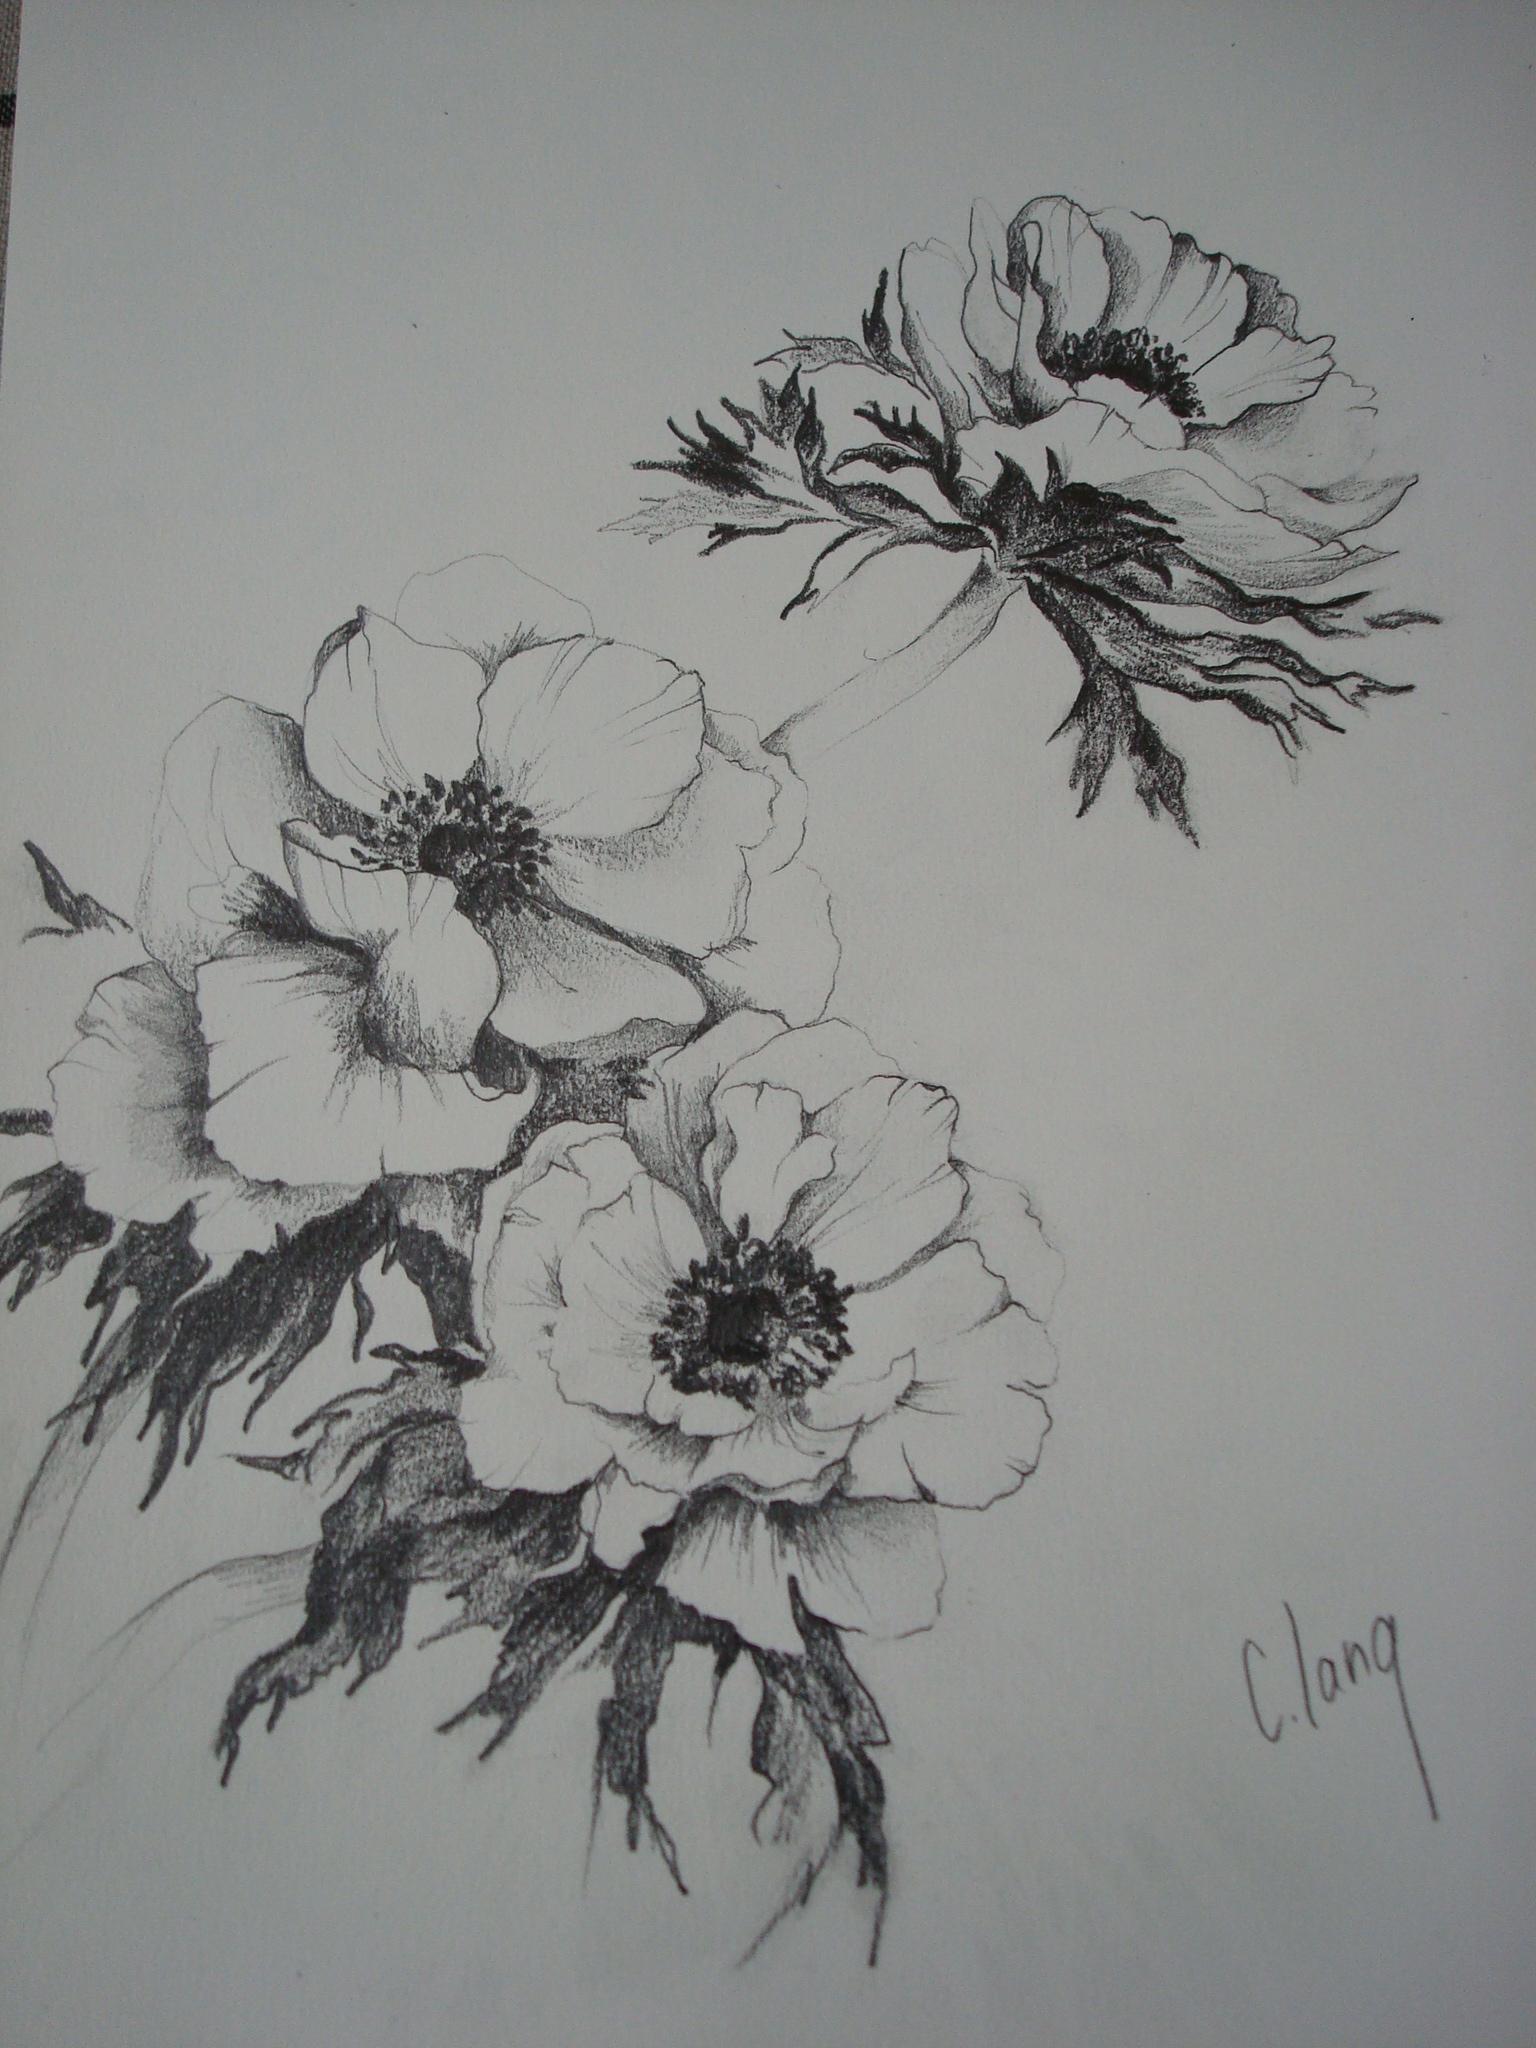 Dessins De Fleurs | Clang Artiste Peintre destiné Dessin De Fleure